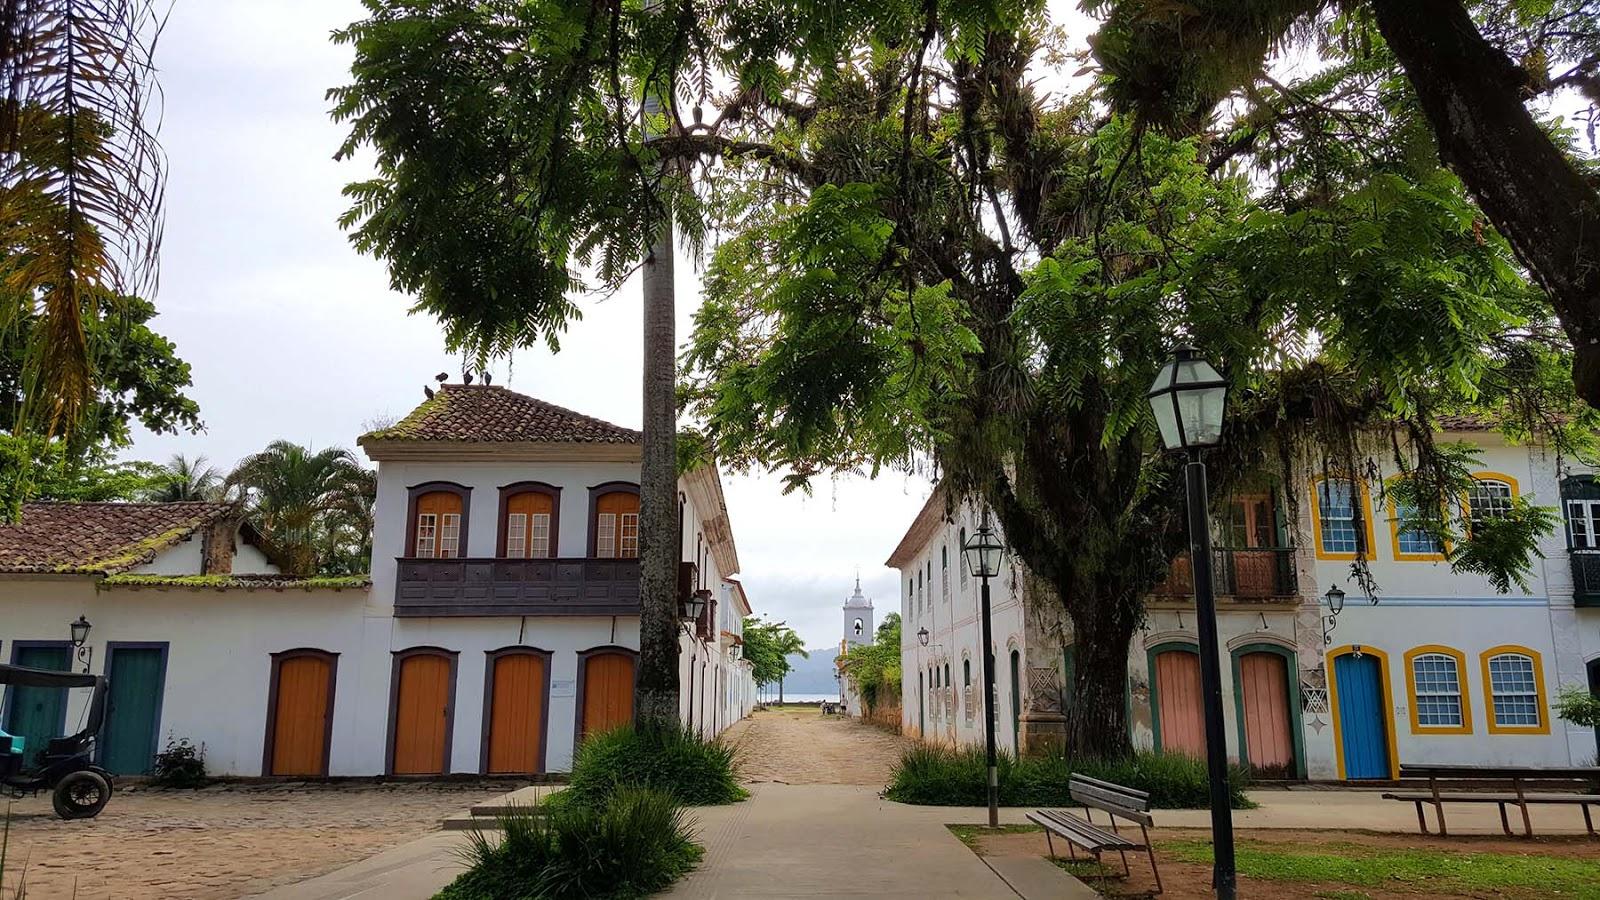 Praça da Matriz em Paraty.